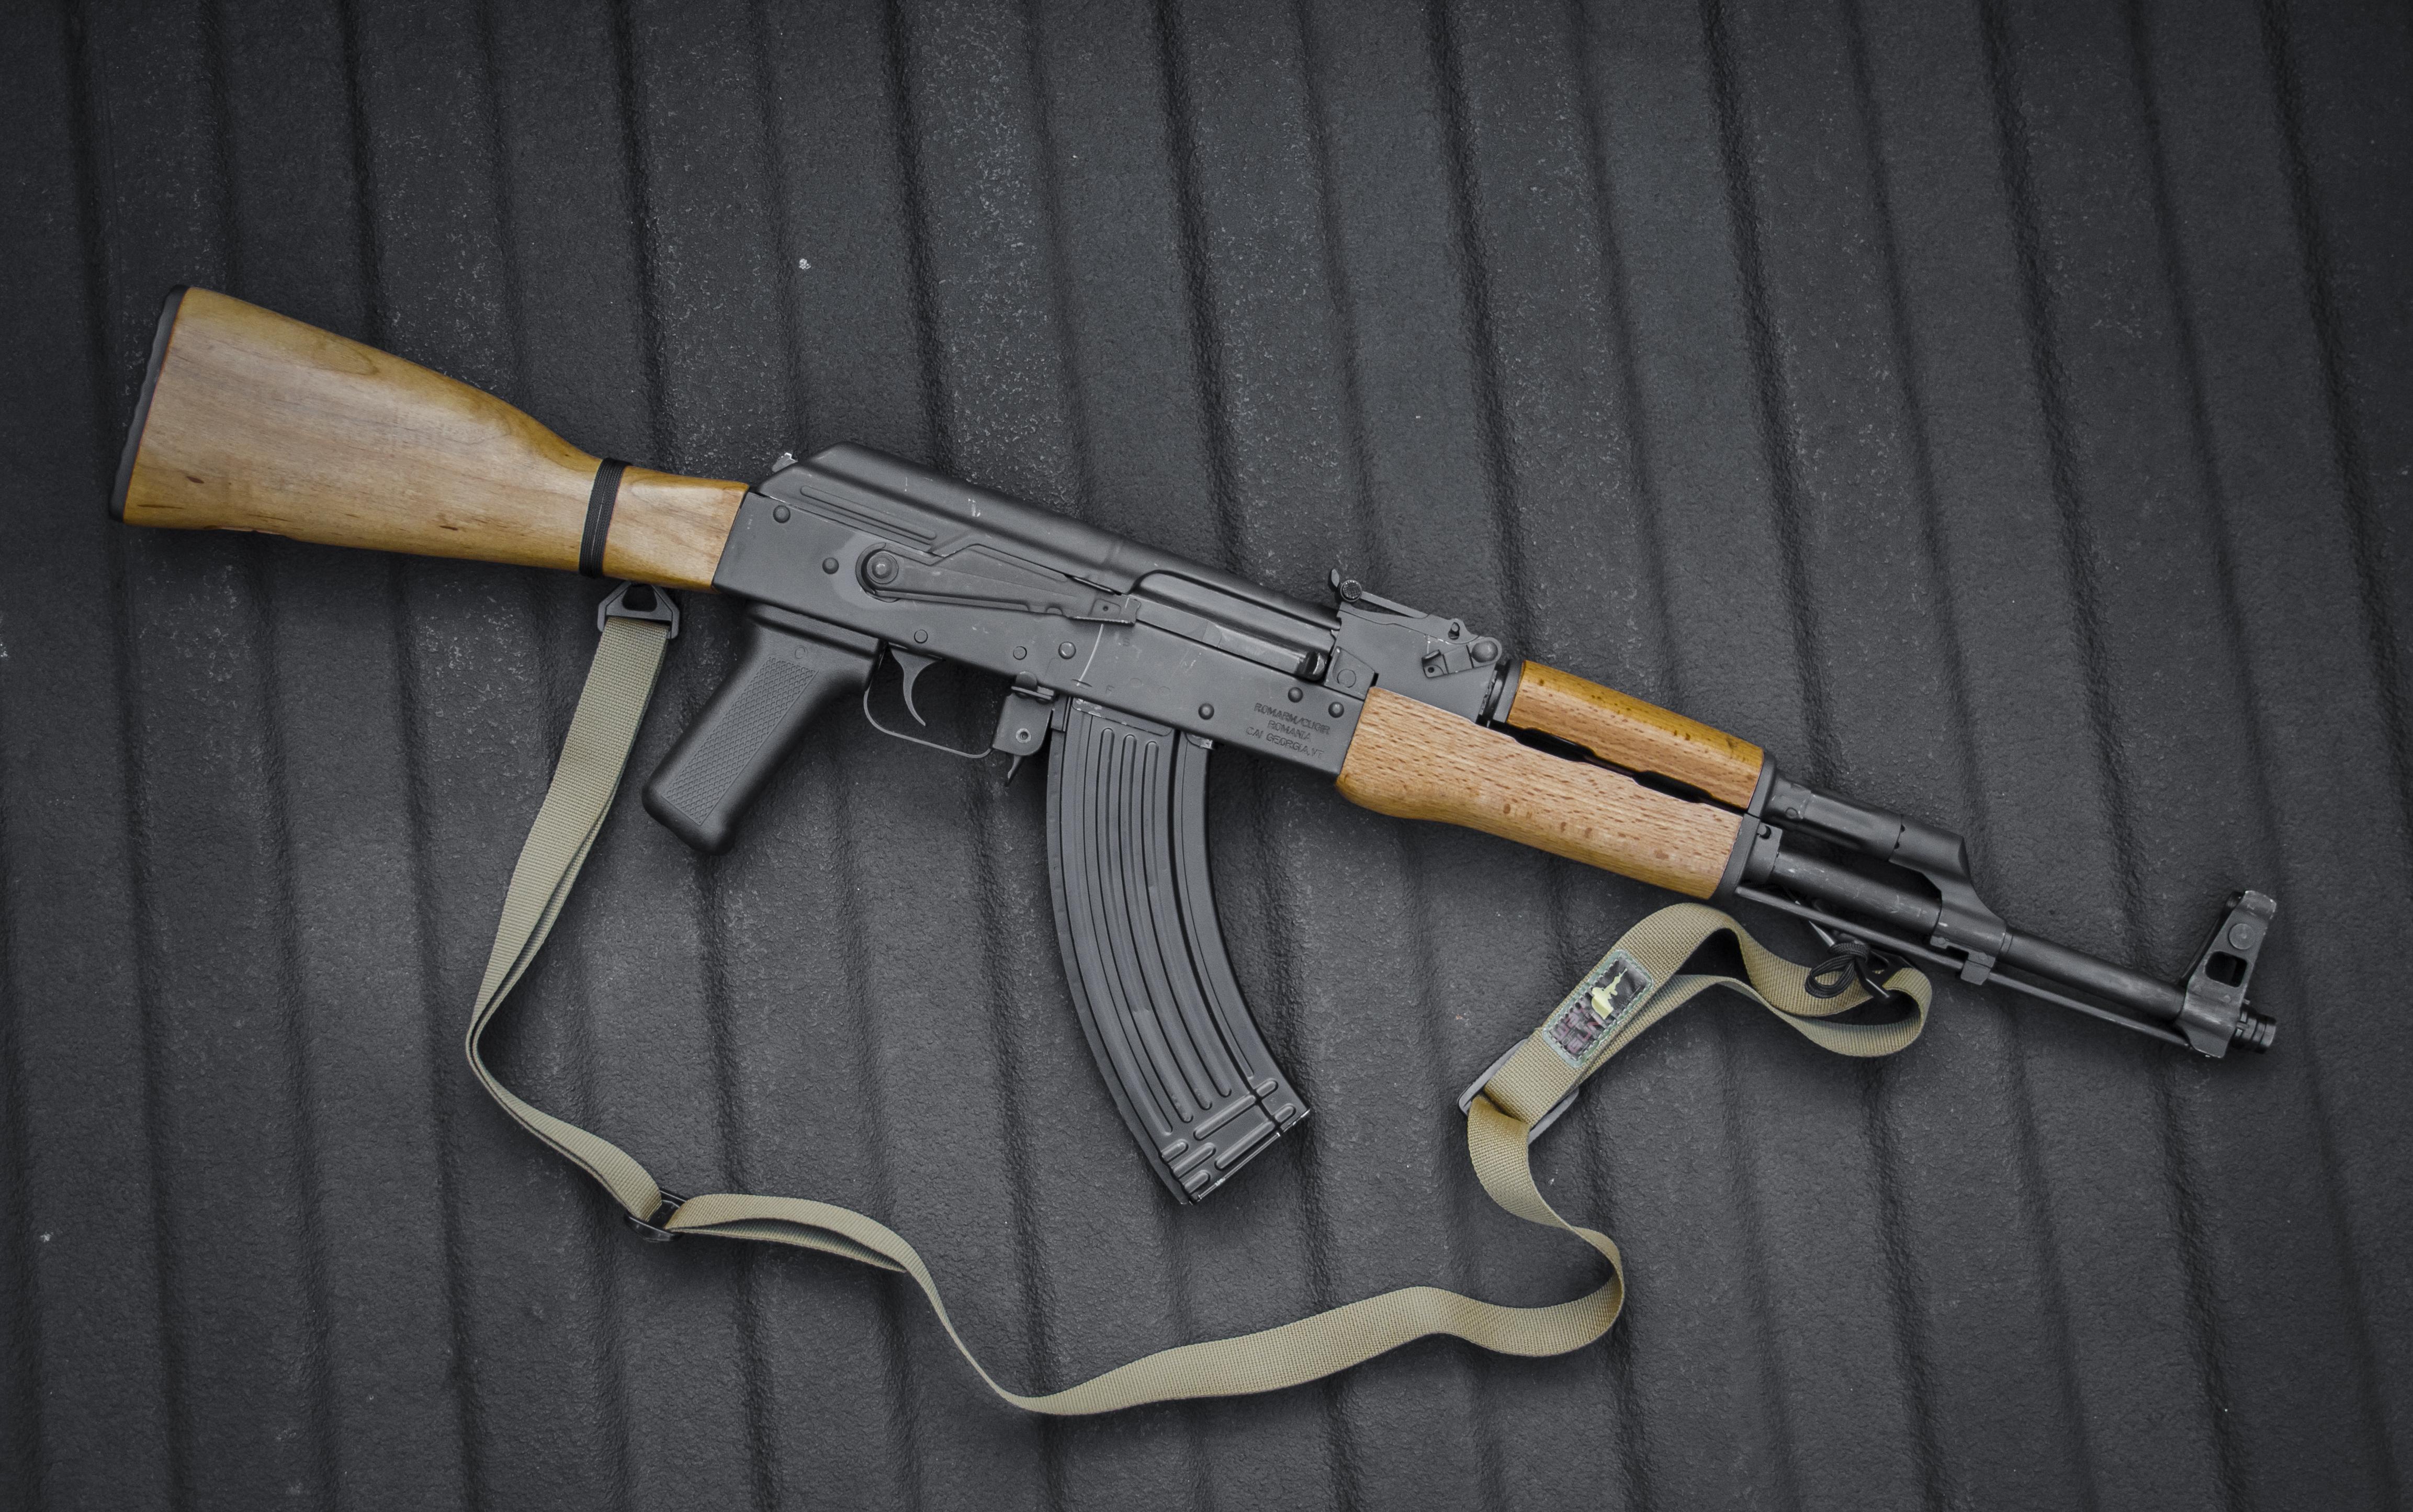 Fotos AK 47 Sturmgewehr russischer Heer 4612x2890 Kalaschnikow Russische russisches